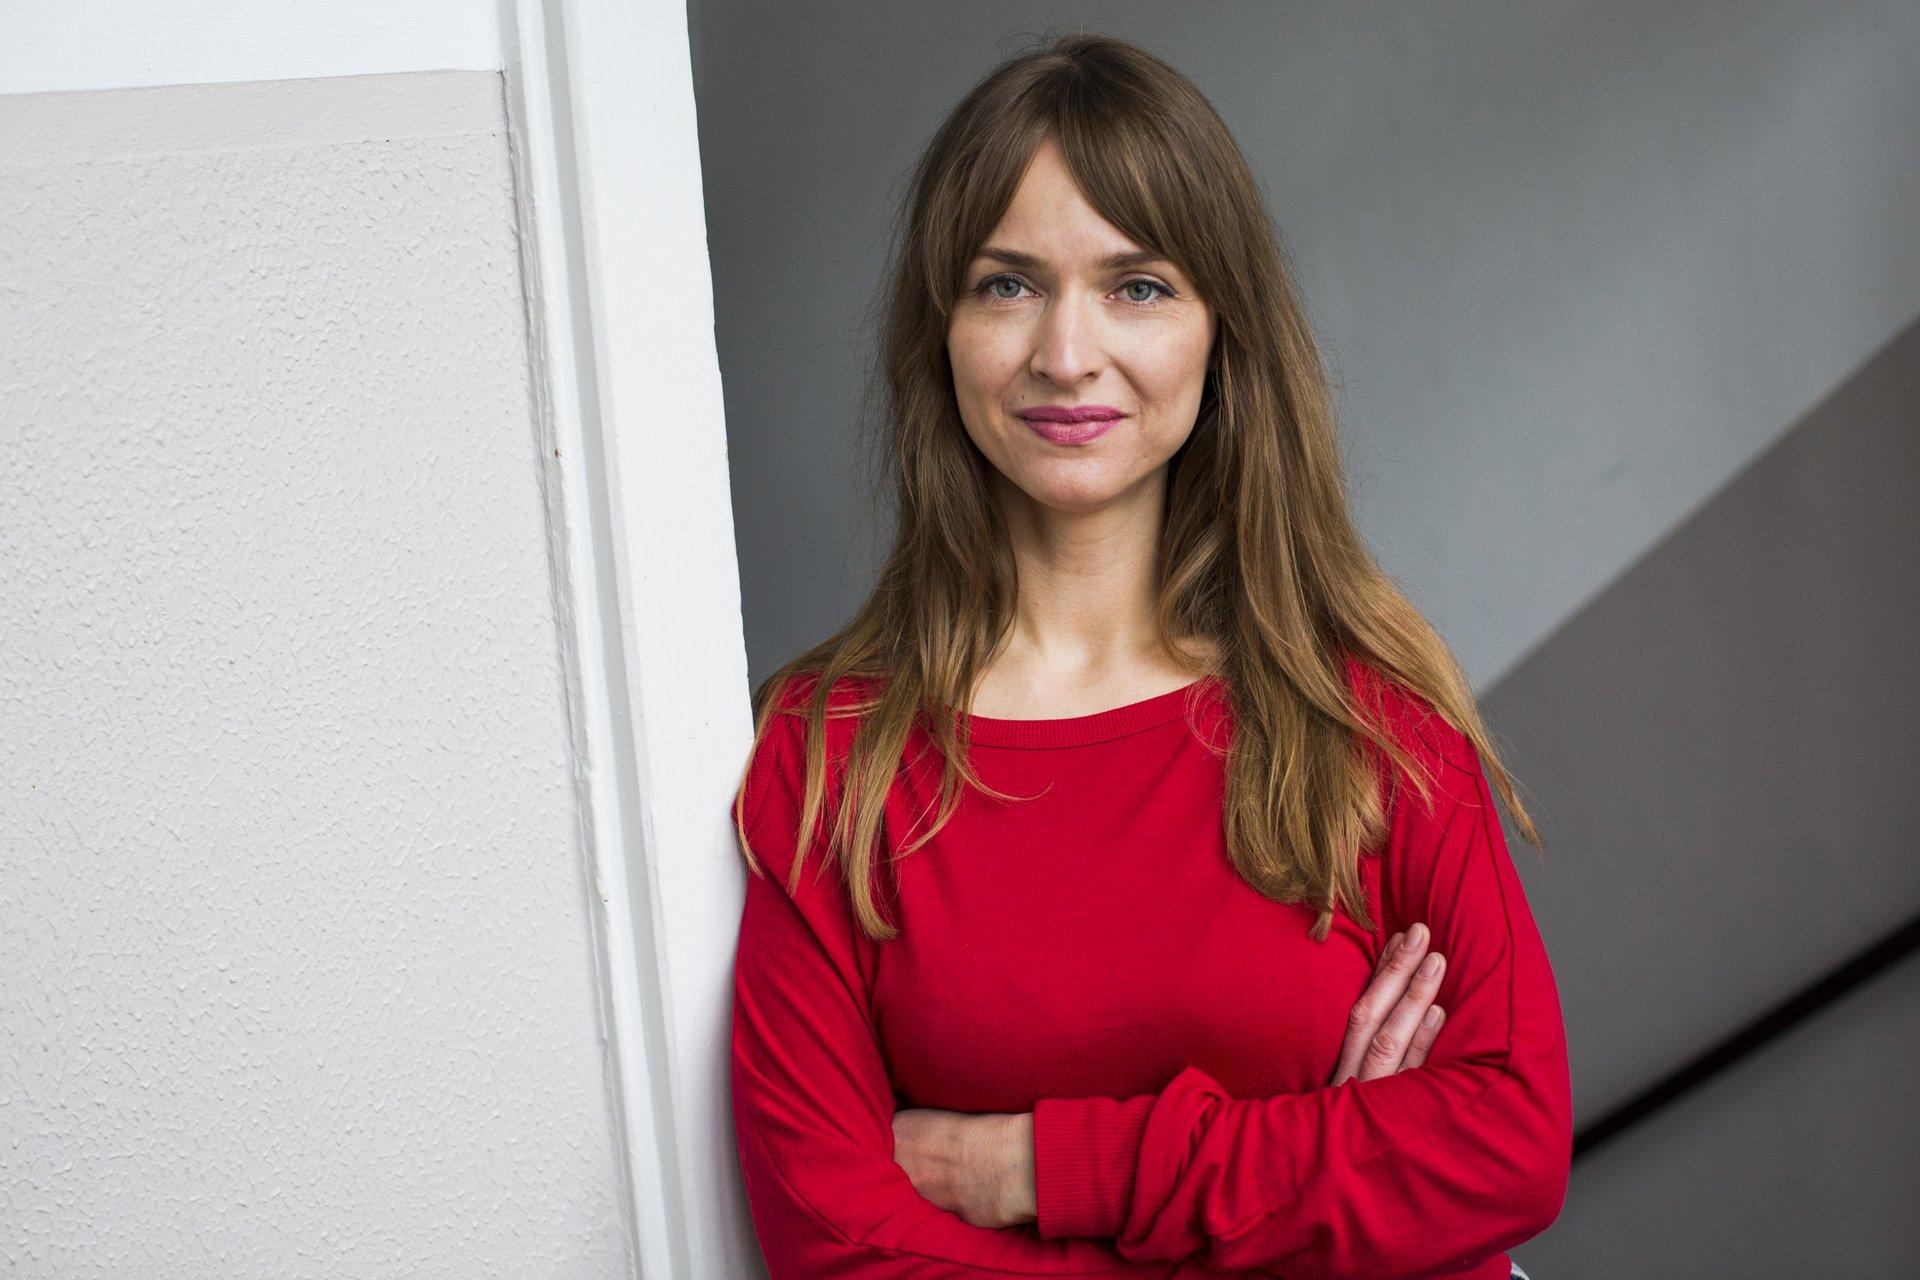 Sandra Schmid eitelsonnenschein Filmproduktion Köln